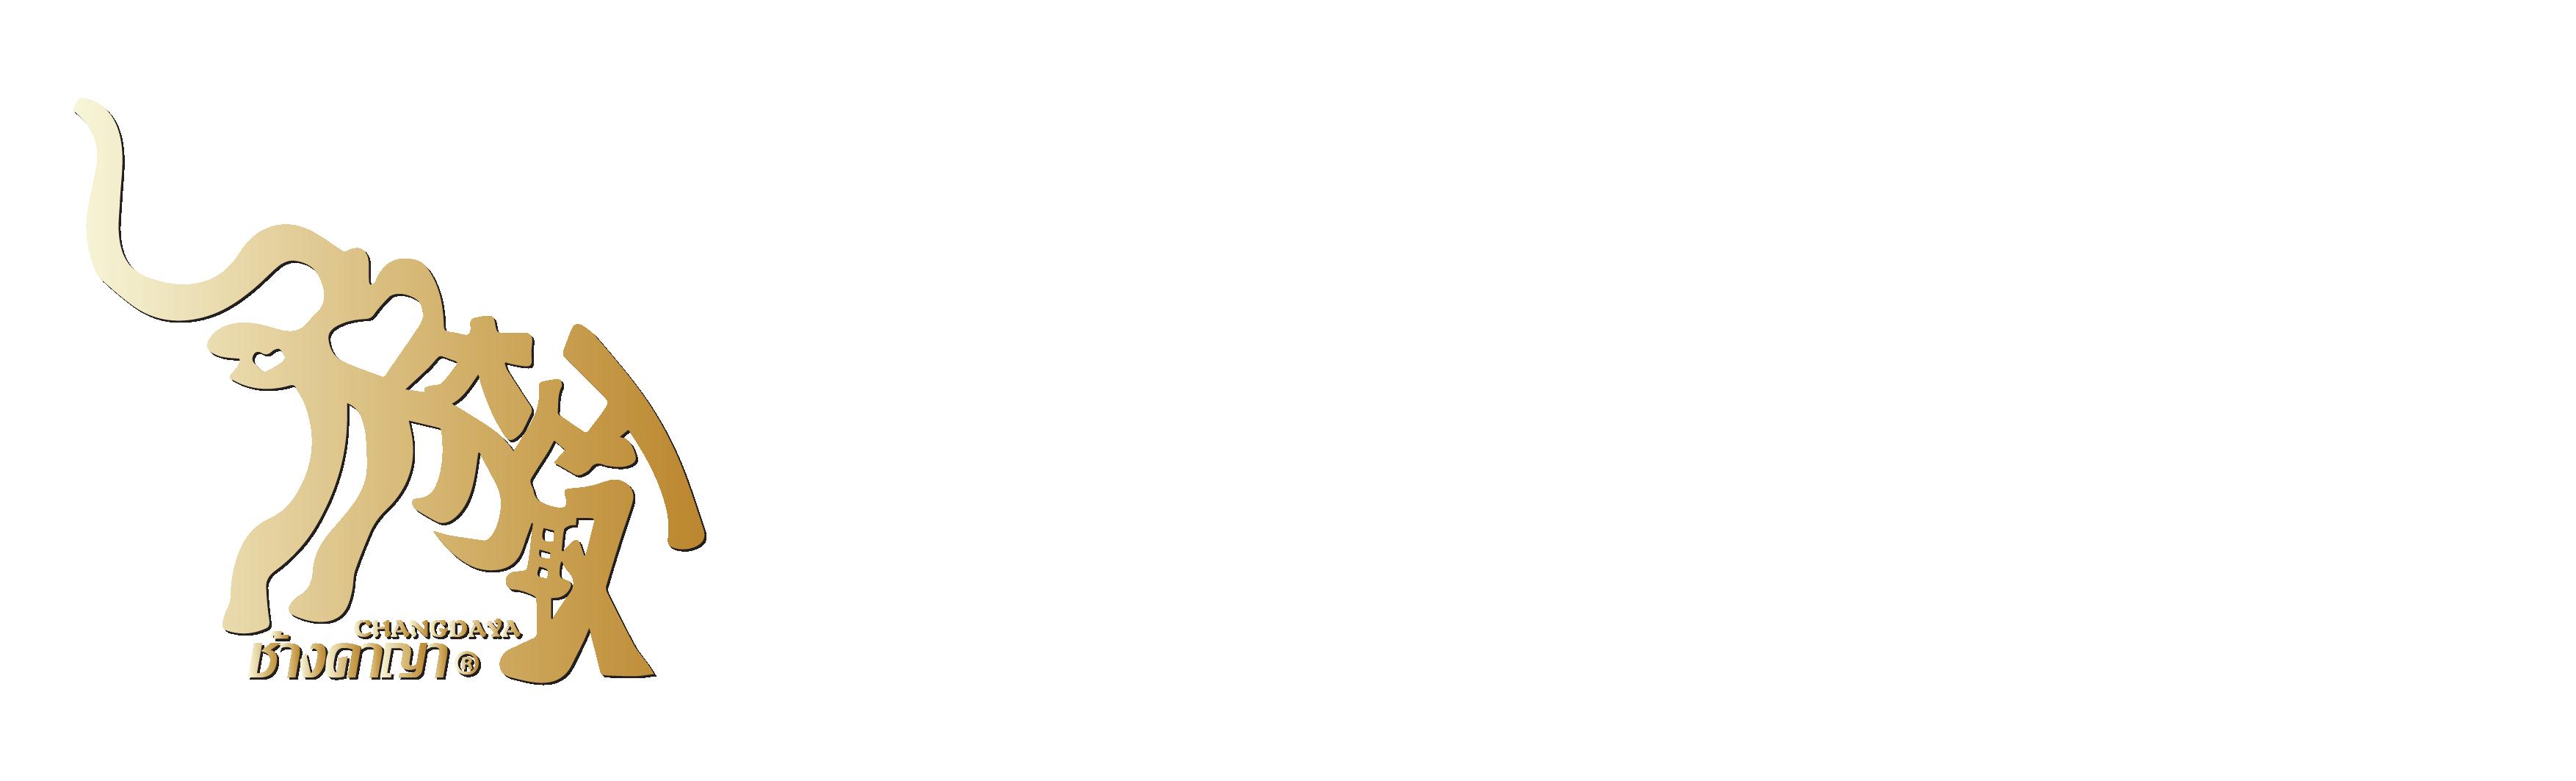 輔瑞國際有限公司 回首頁